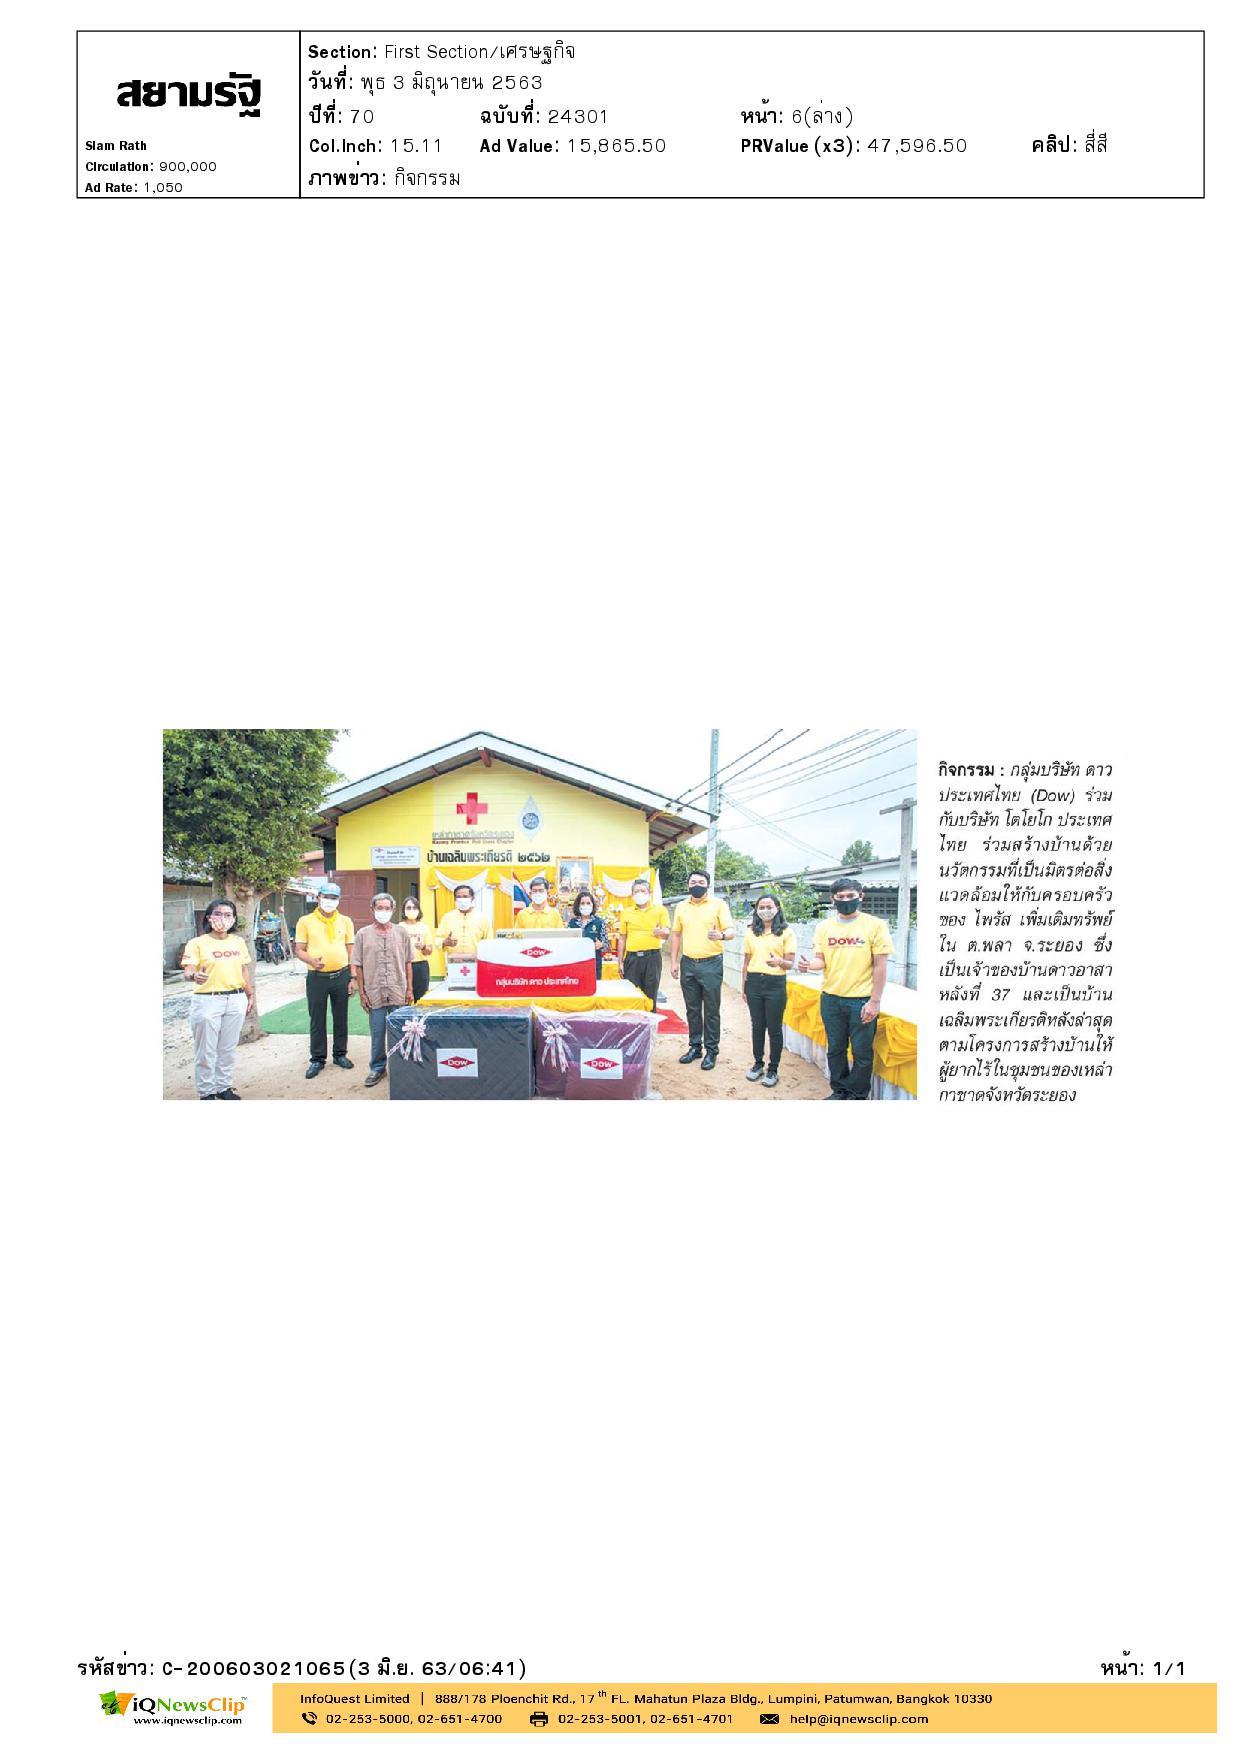 โครงการสร้างบ้านให้กับผู้ยากไร้ชุมชนของเหล่ากาชาด จ.ระยอง